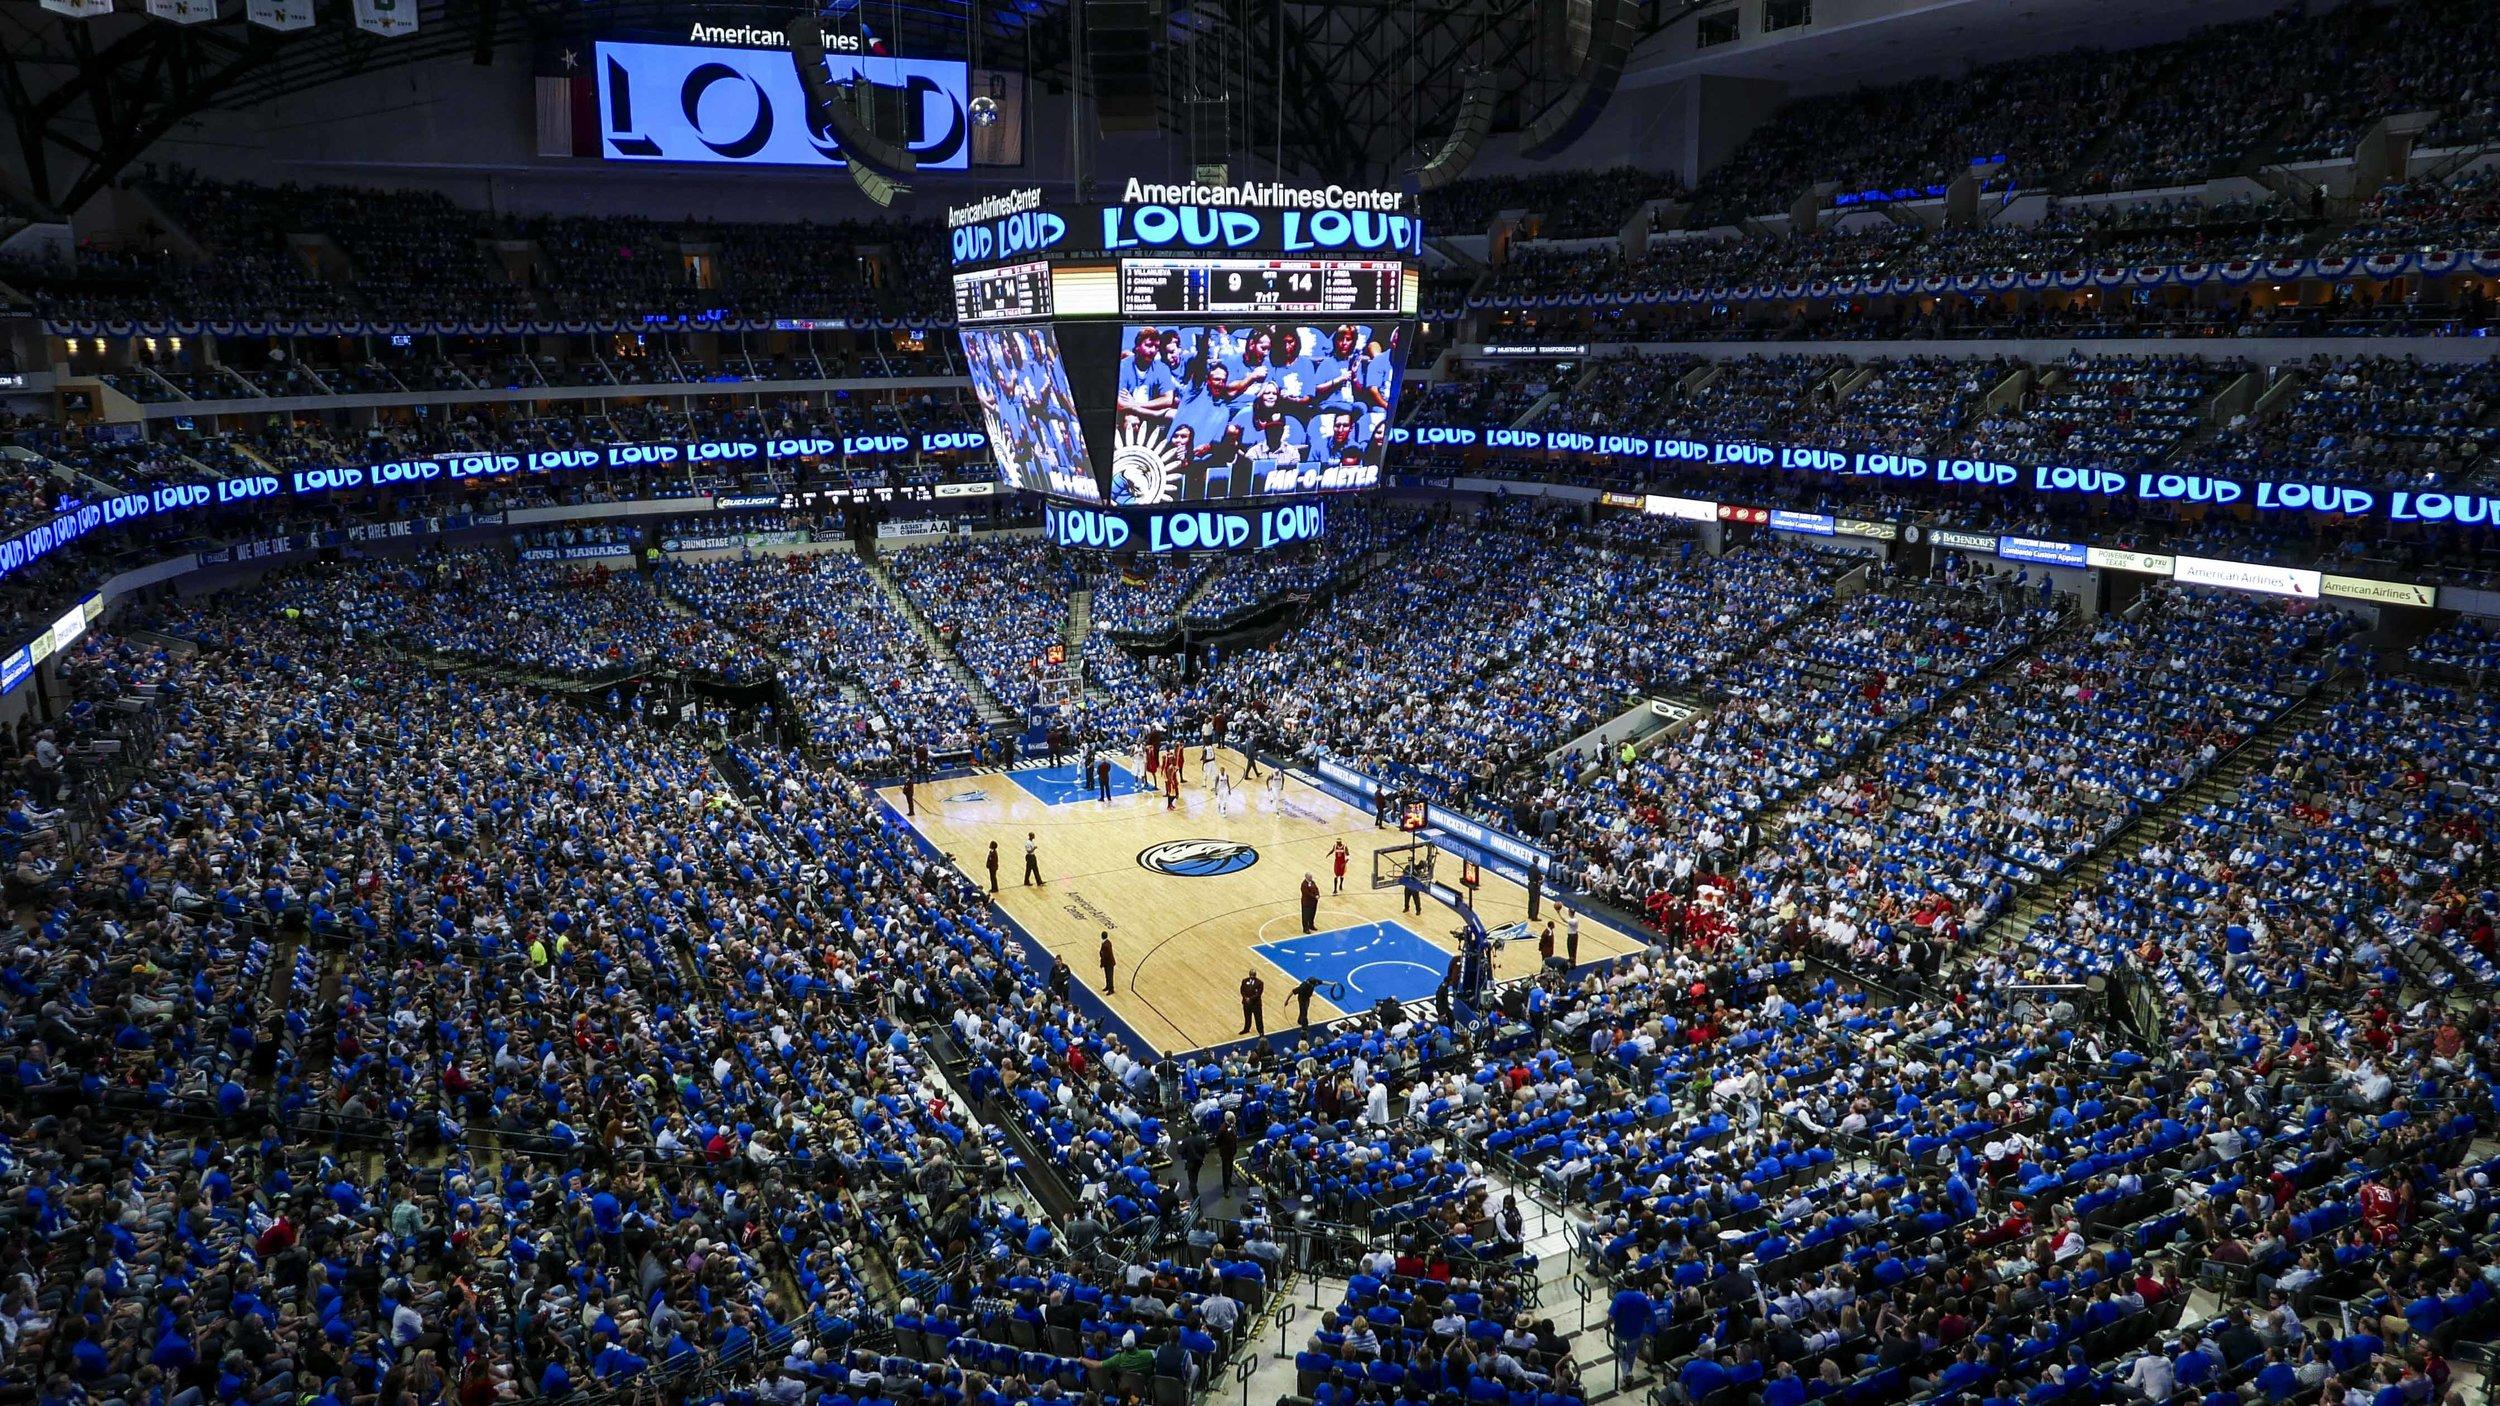 Dallas Mavericks, American Airlines Center Social Media